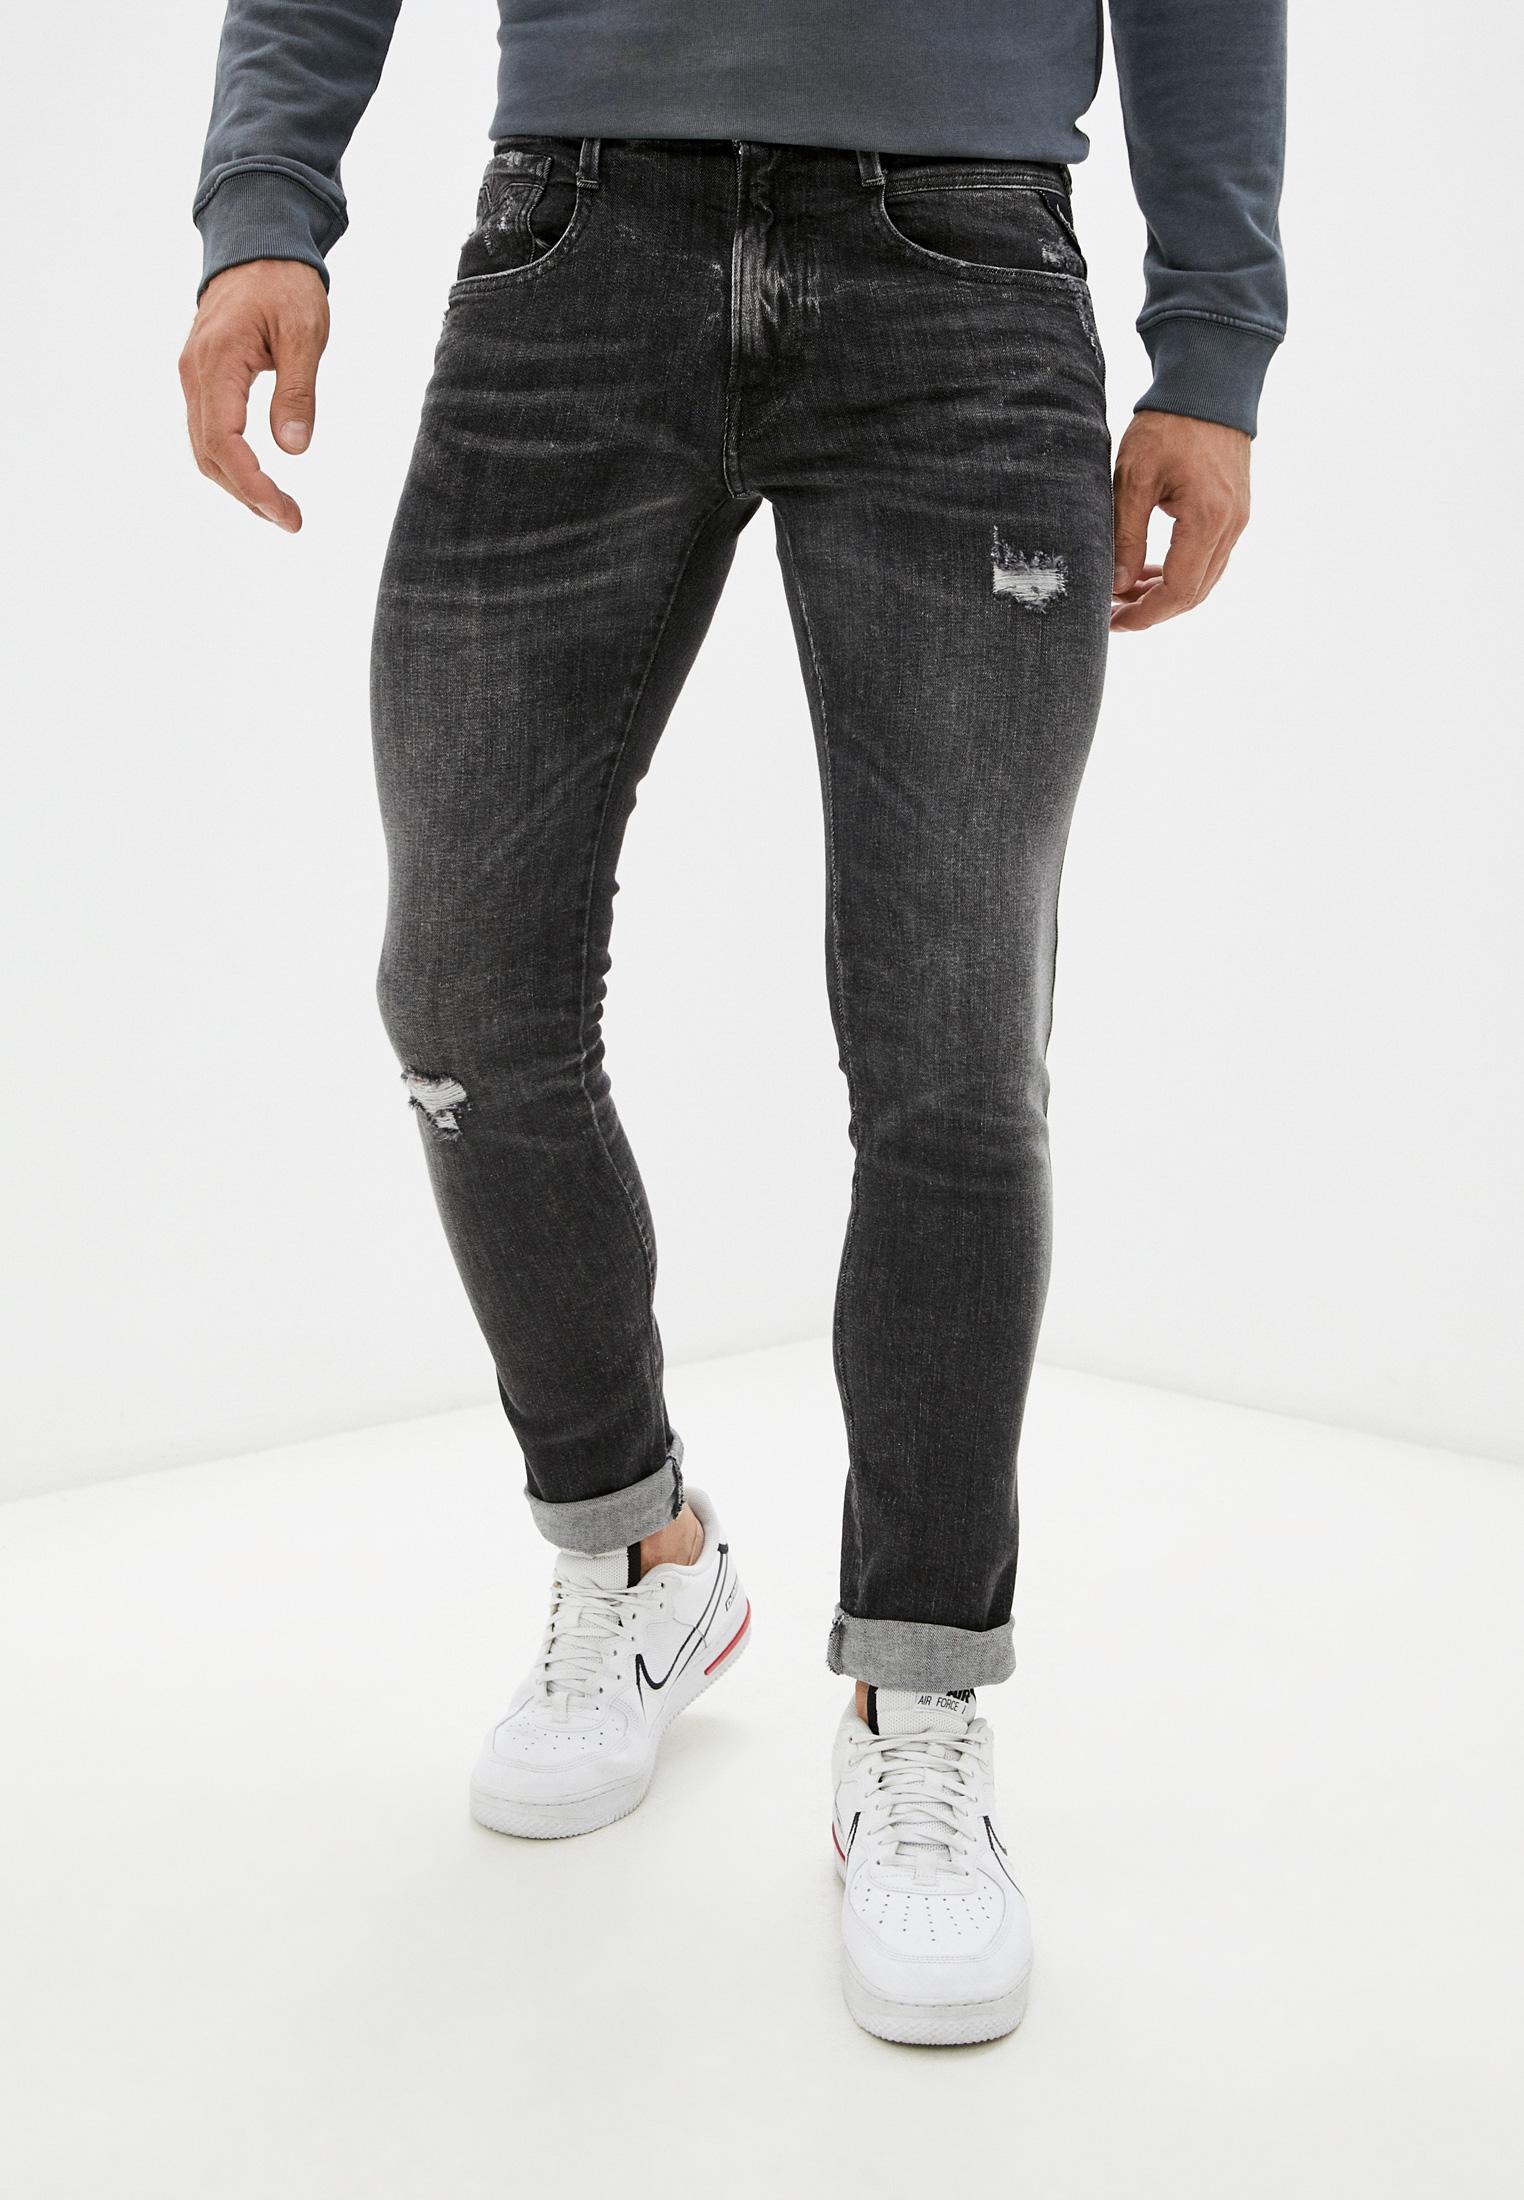 Зауженные джинсы Replay (Реплей) Джинсы Replay